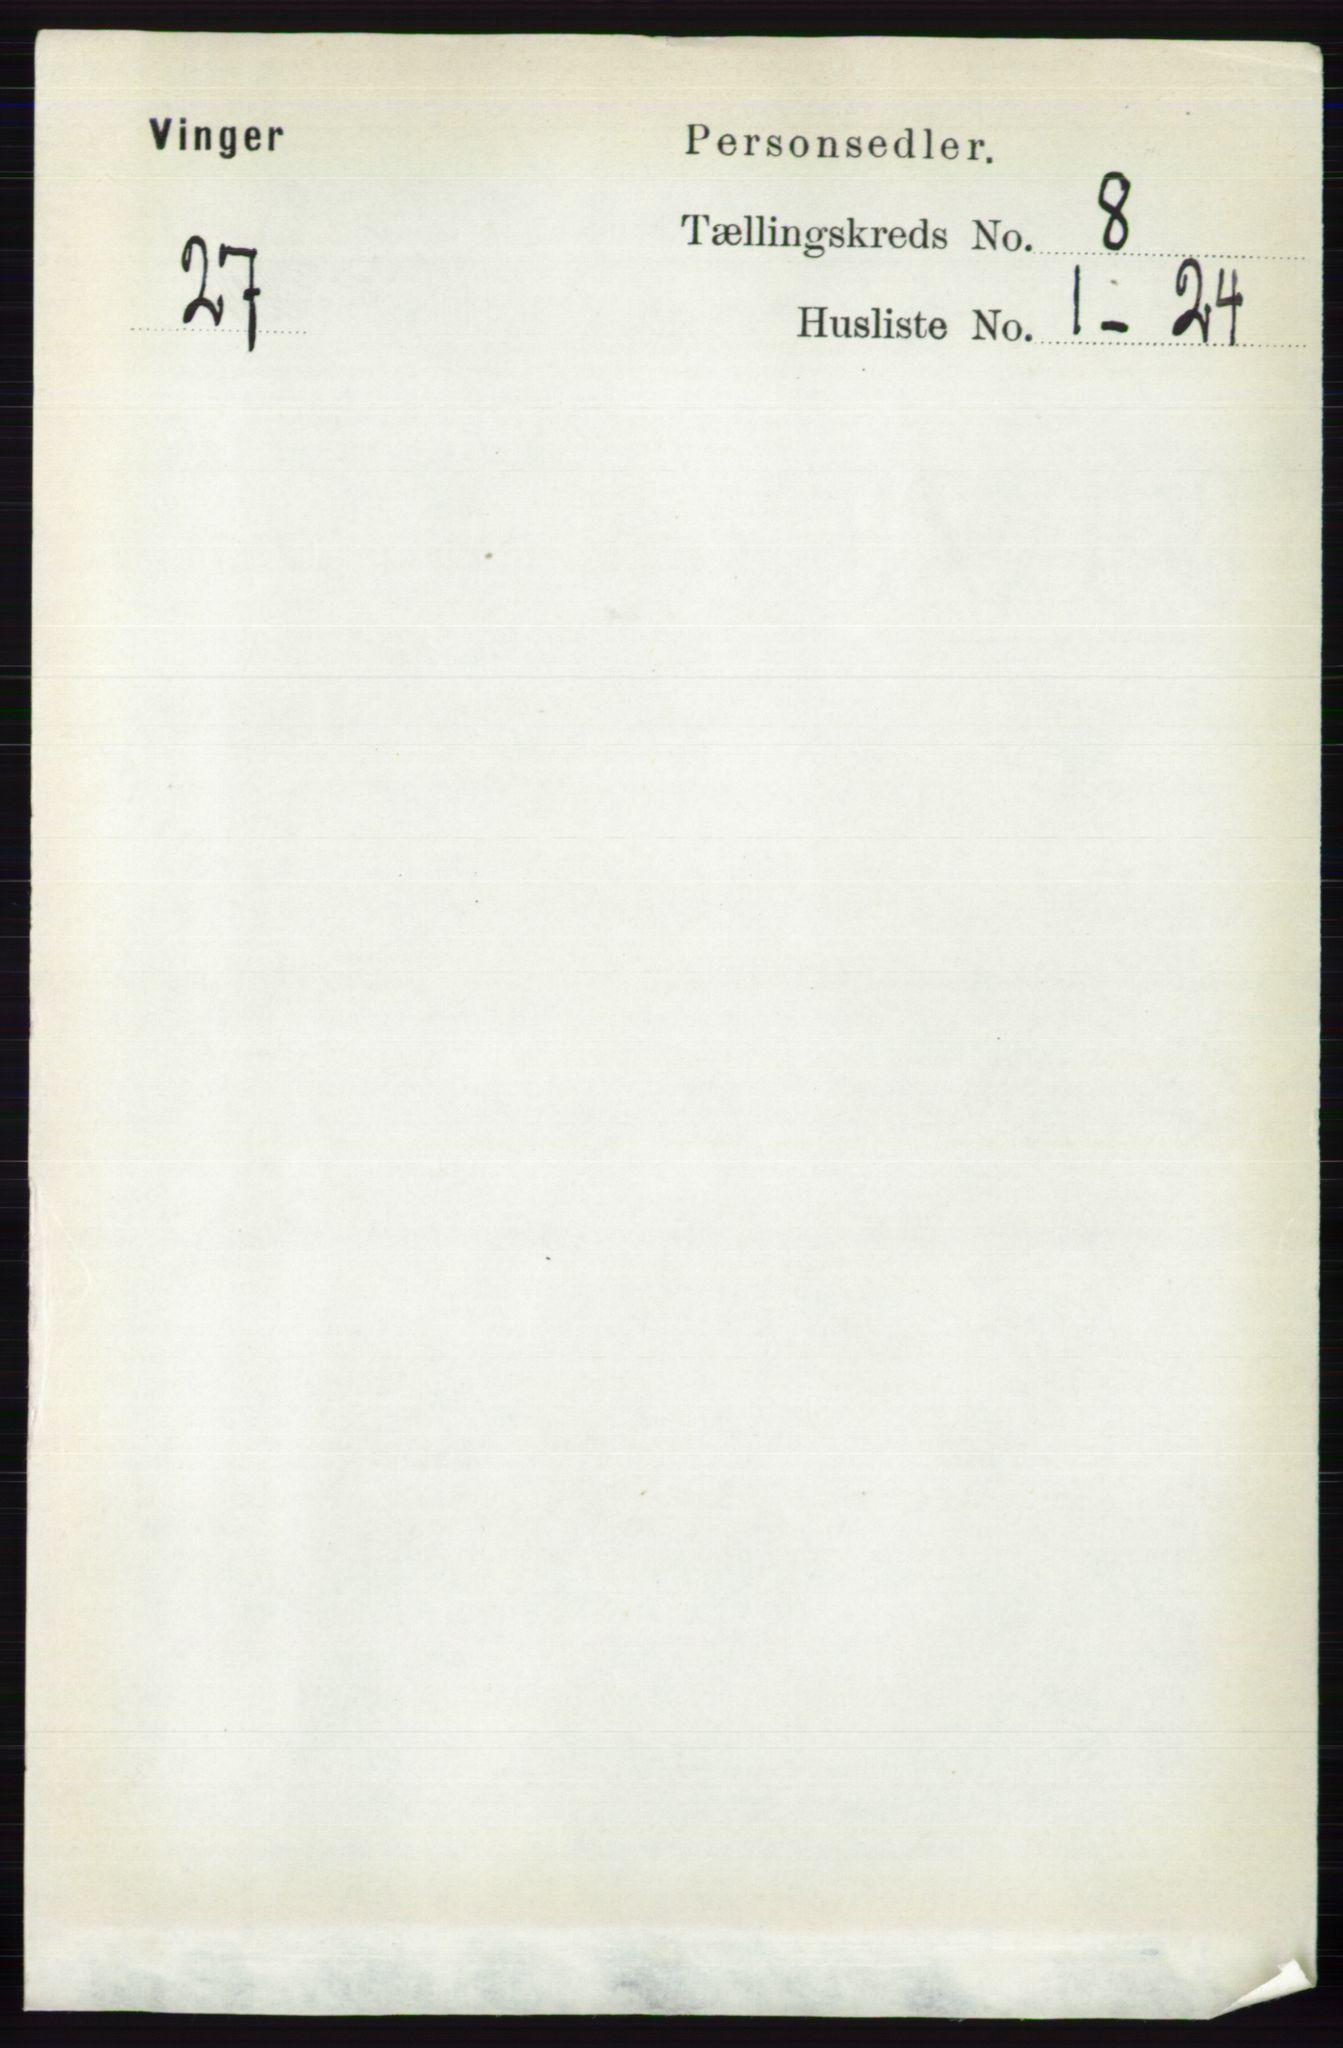 RA, Folketelling 1891 for 0421 Vinger herred, 1891, s. 3632